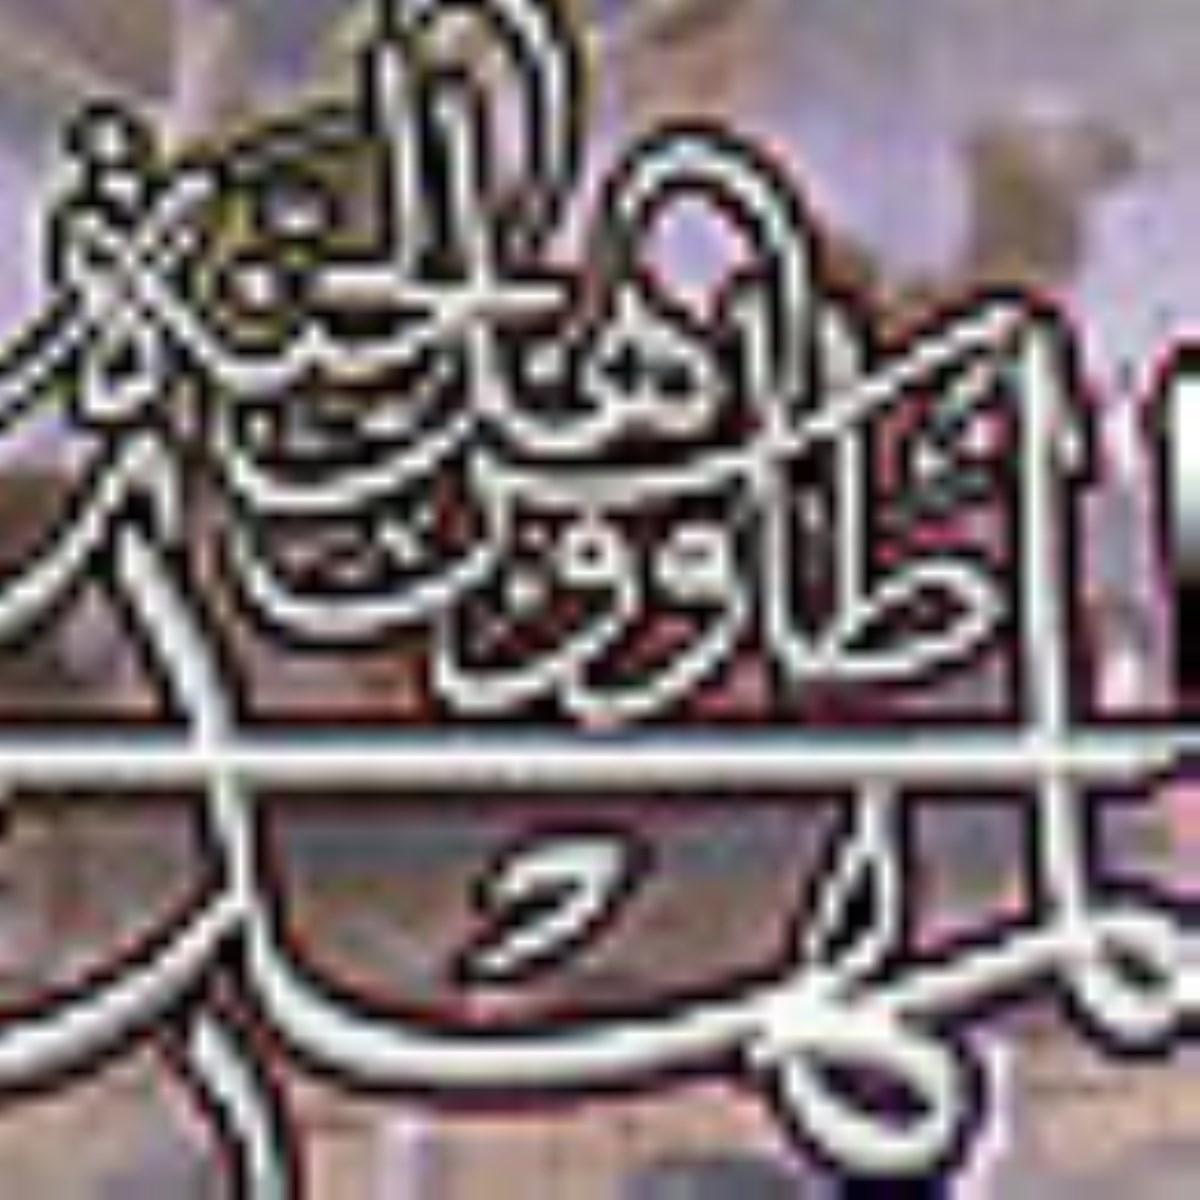 مهدویت از دیدگاه دین پژوهان و اسلام شناسان غربی (2)